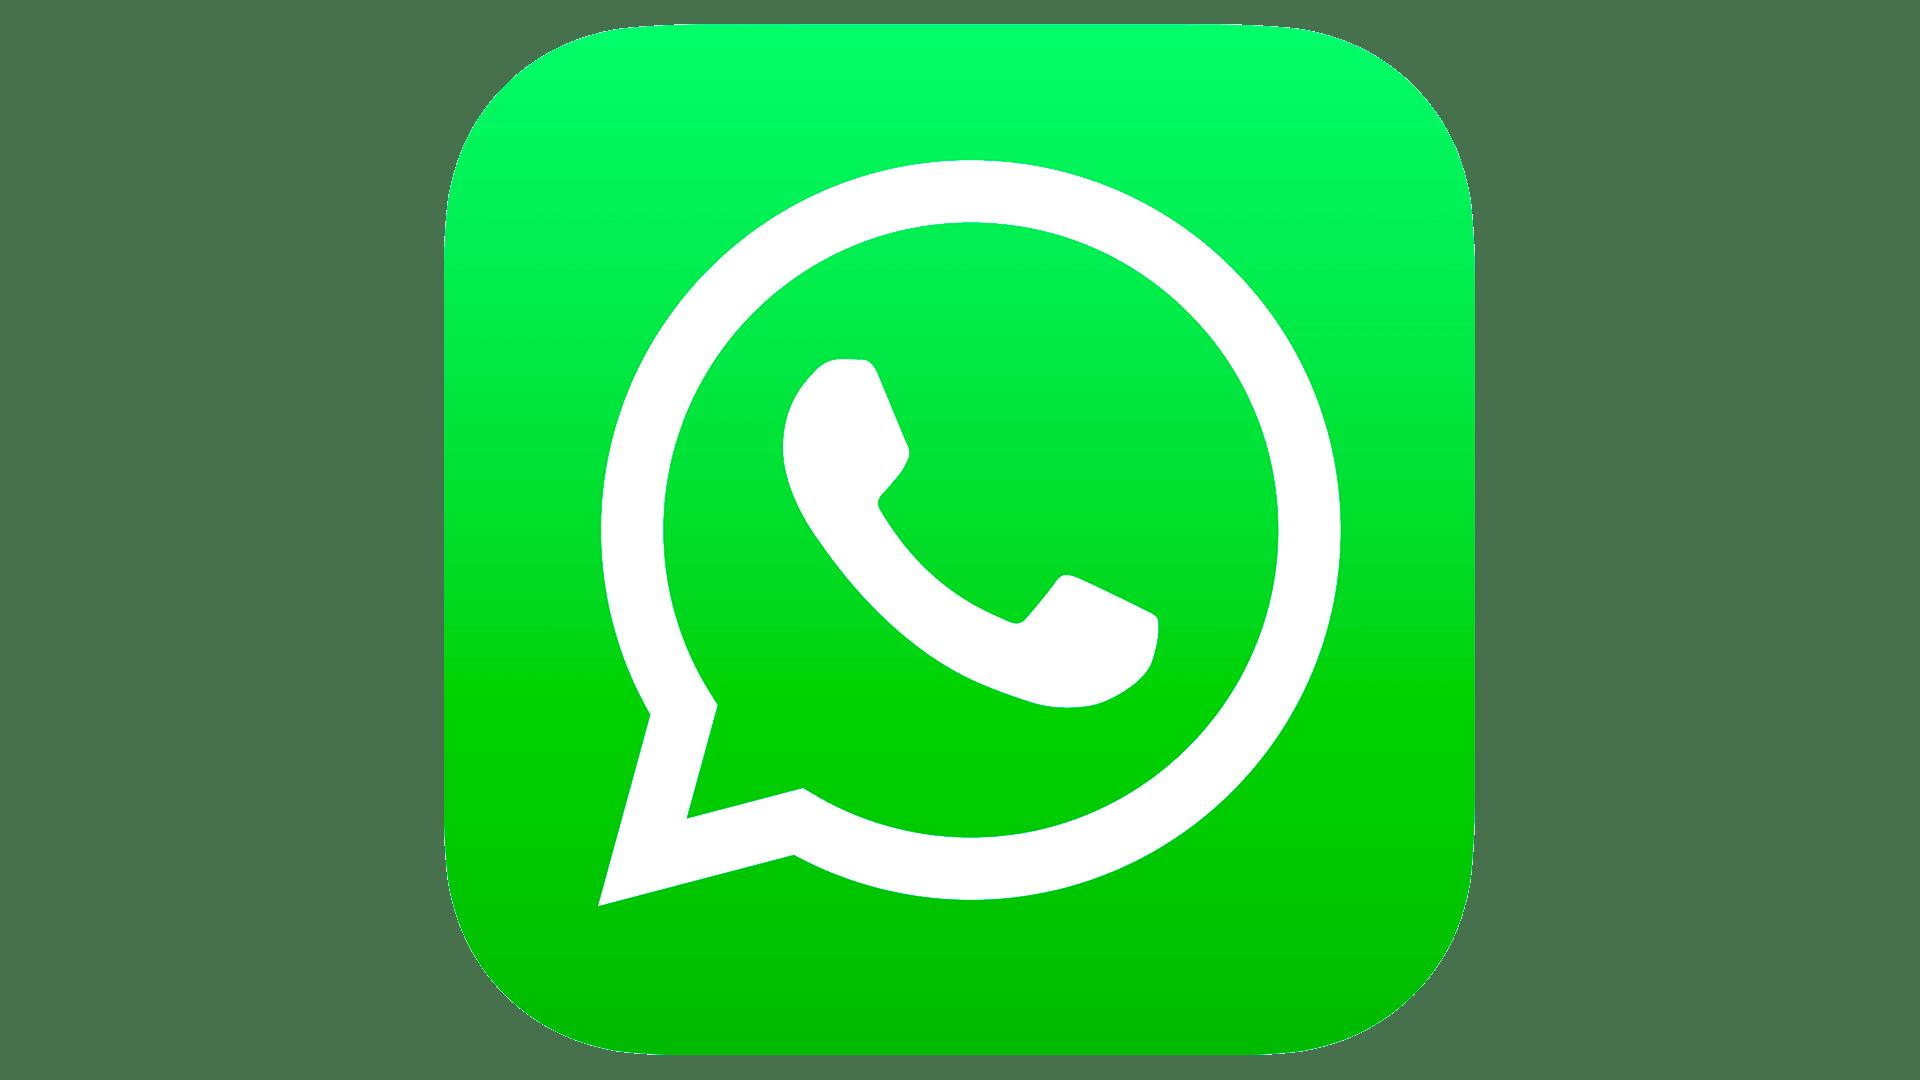 Kontakt wasdazu WhatsApp